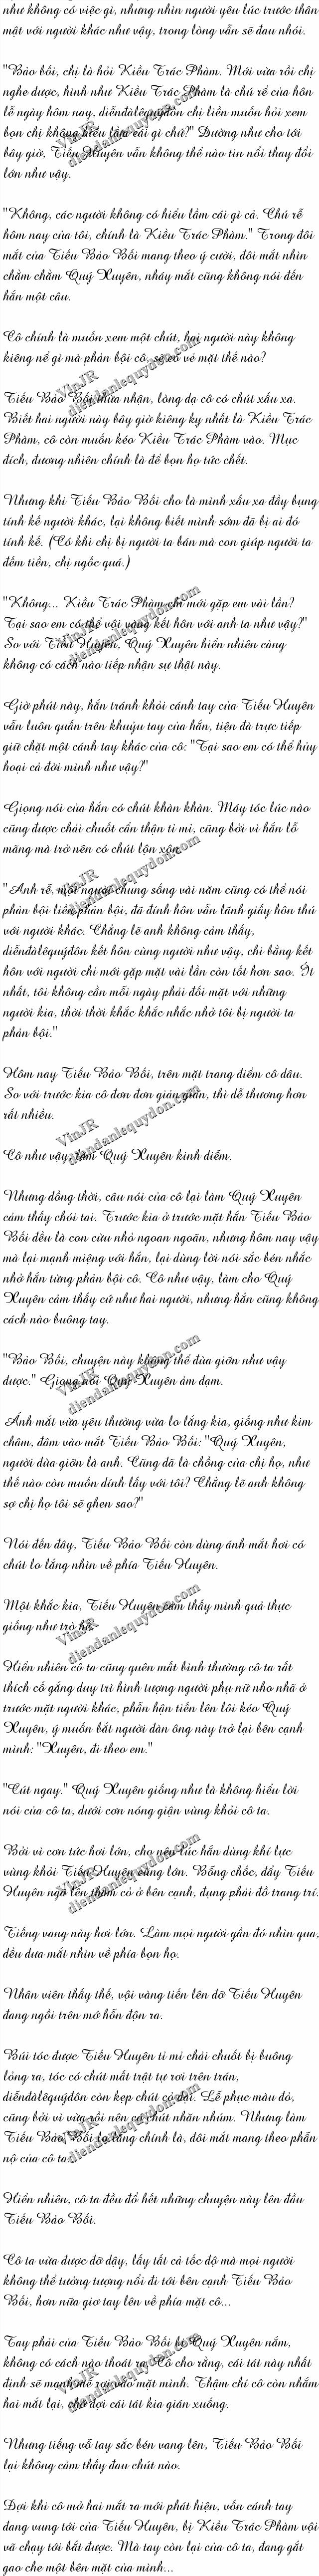 Hôn Nhân Bất Ngờ: Đoạt Được Cô Vợ Nghịch Ngợm Chương 22: Chương 22